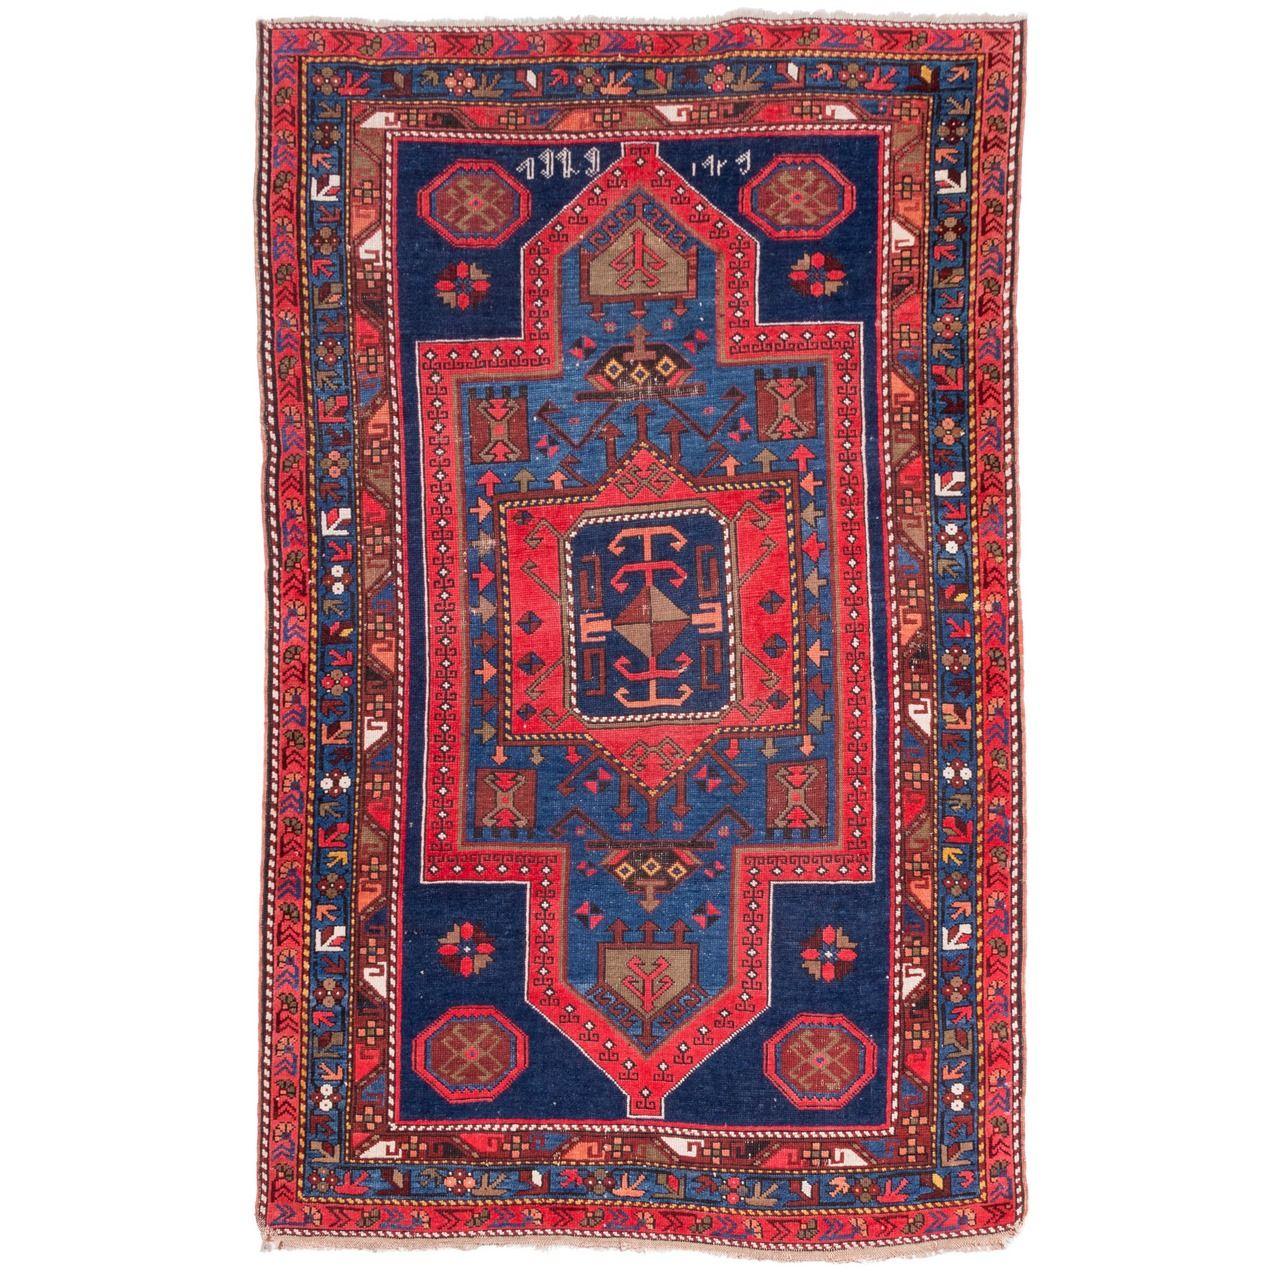 فرش دستباف قدیمی دو متری سی پرشیا کد 102354